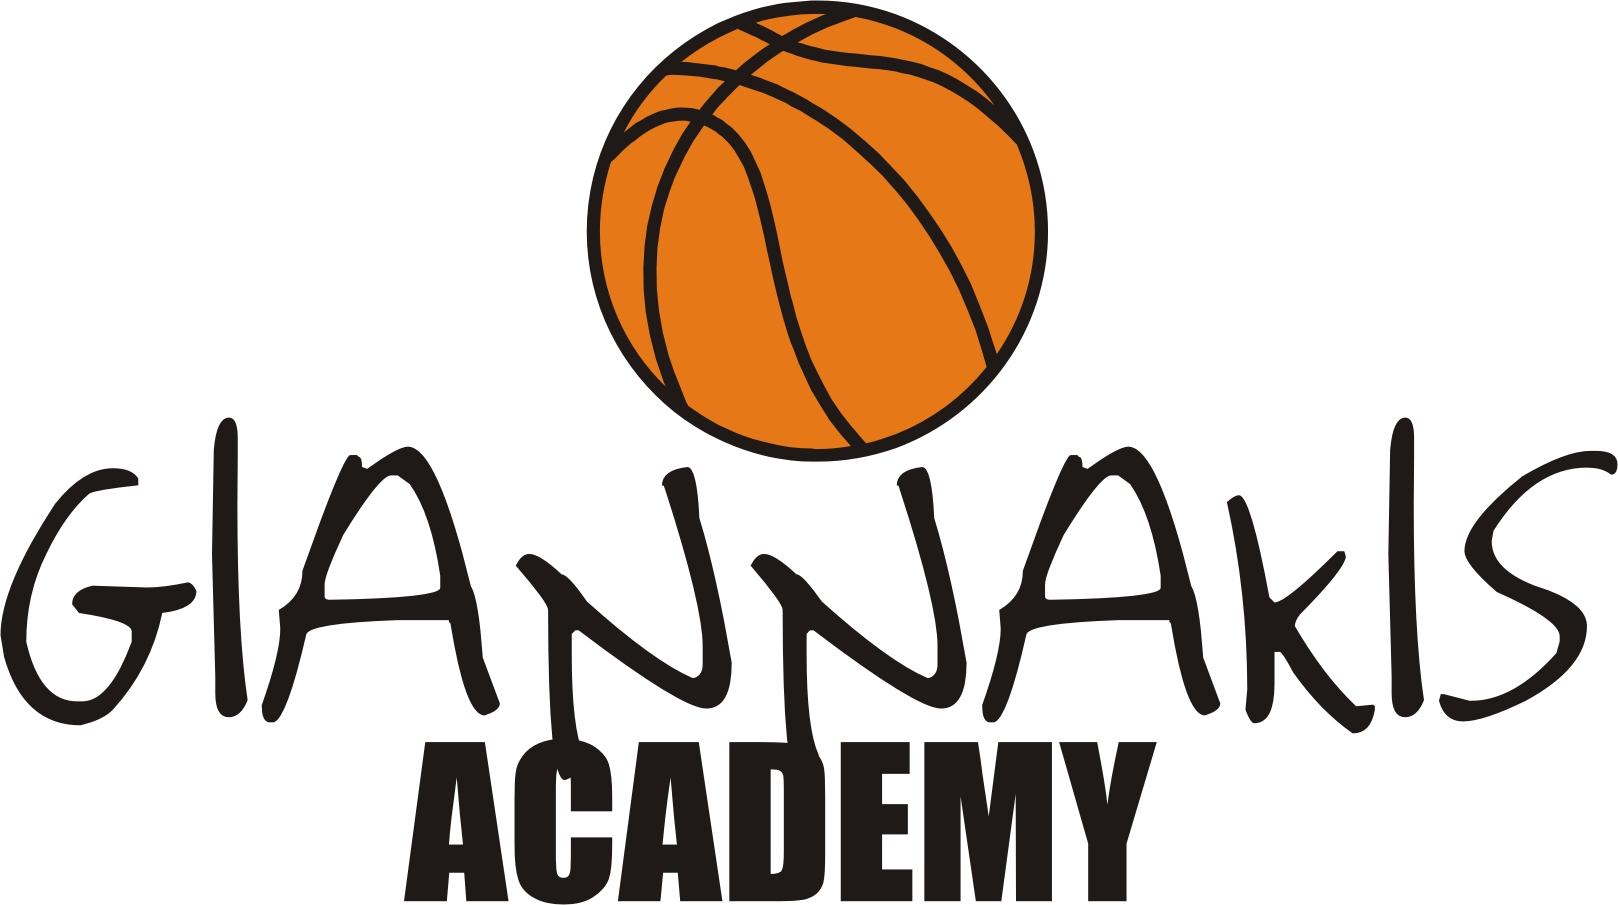 Giannakis Academy